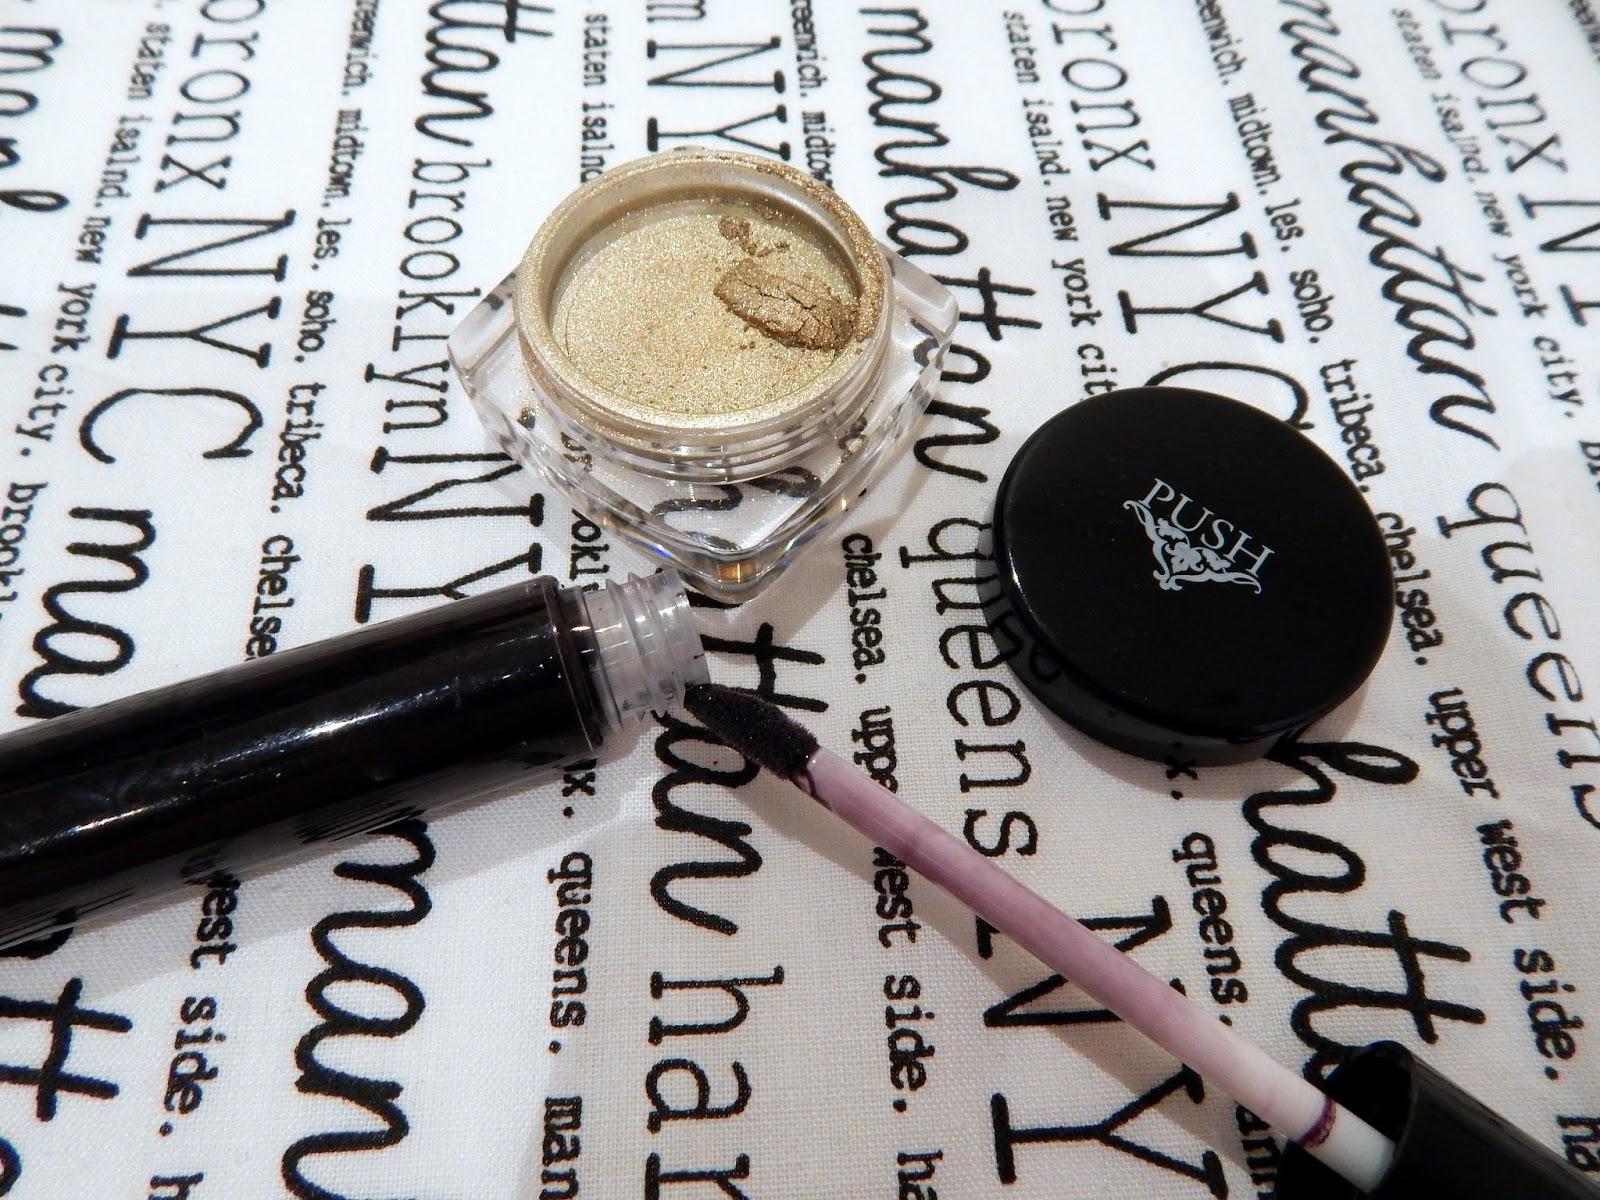 push makeup